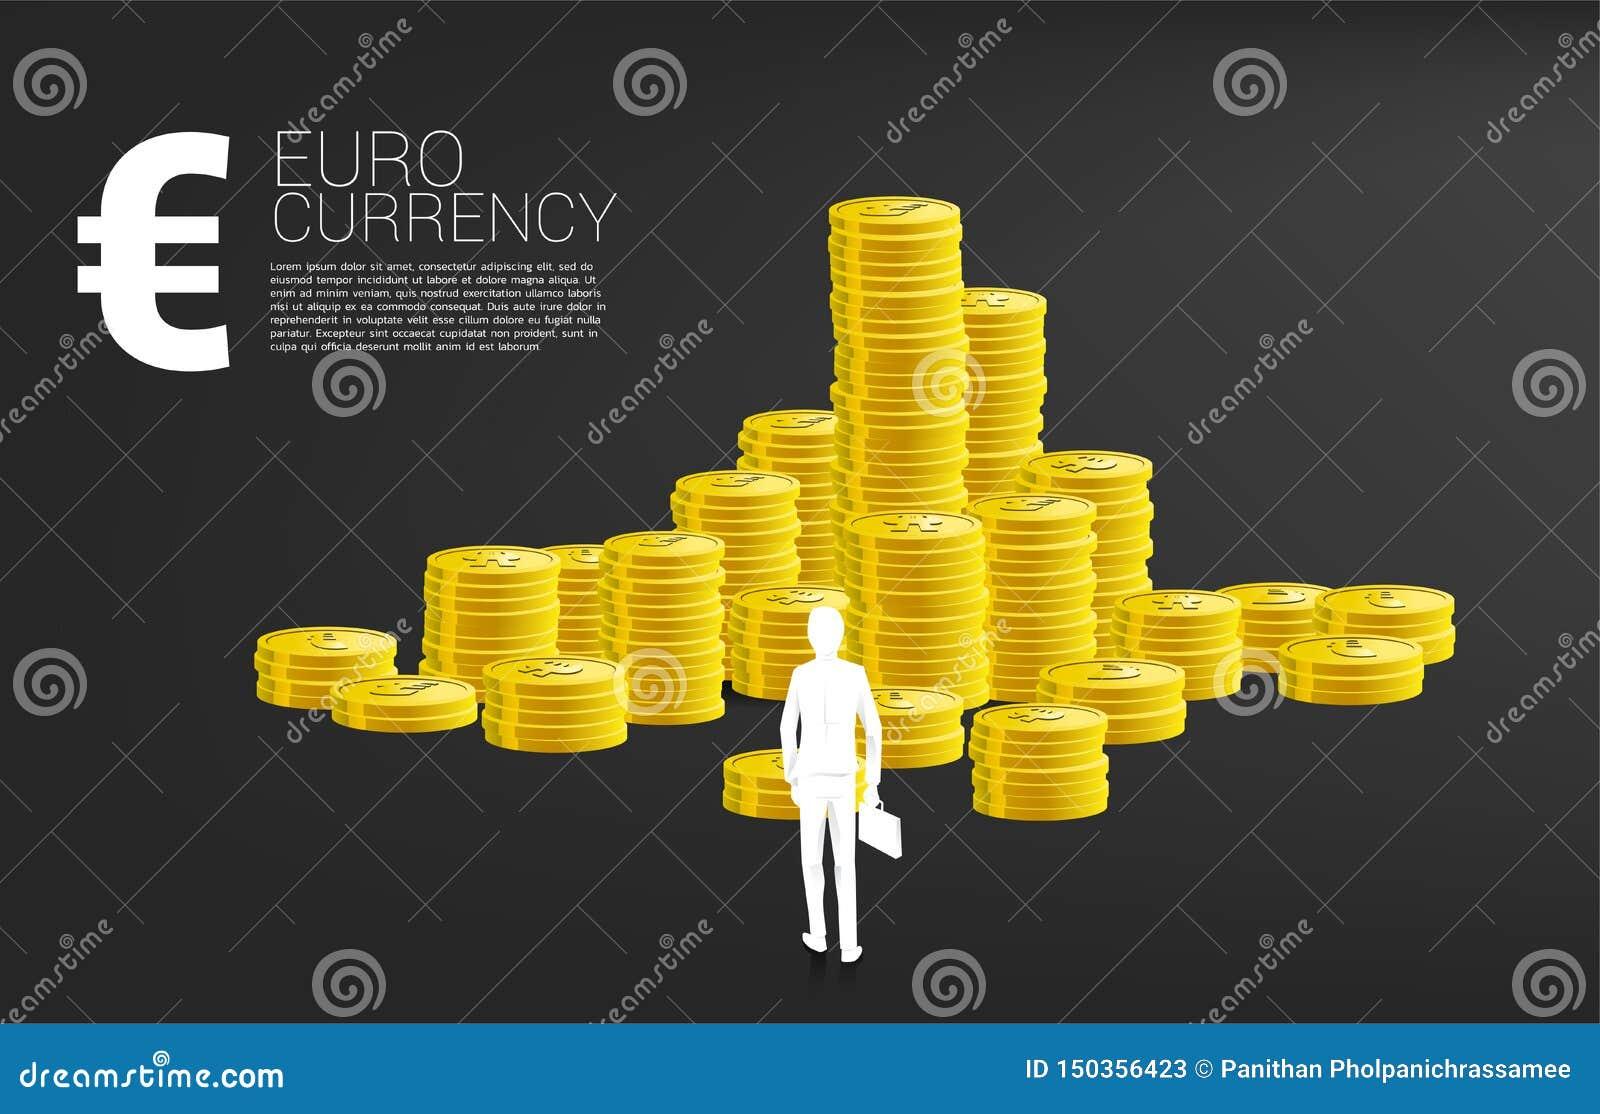 Silueta del hombre de negocios con la situación de la cartera delante del icono euro del dinero y pila de moneda